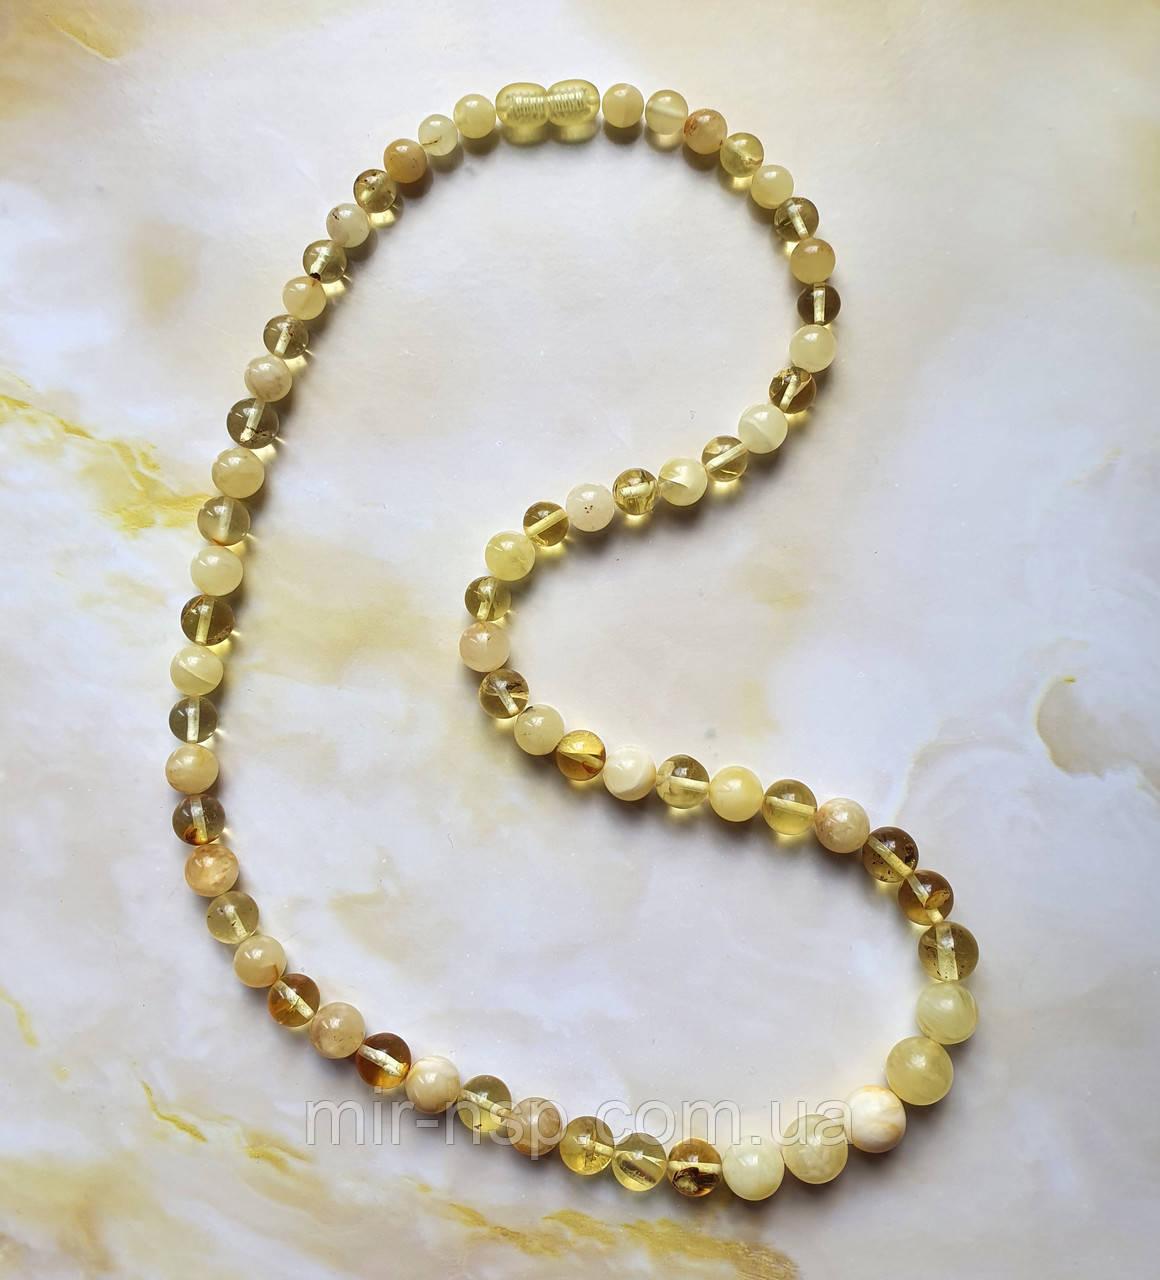 Ожерелье бусы 100% натуральный янтарь (не пресс, не плавка) шар 6,5-9,5 мм вес 16г